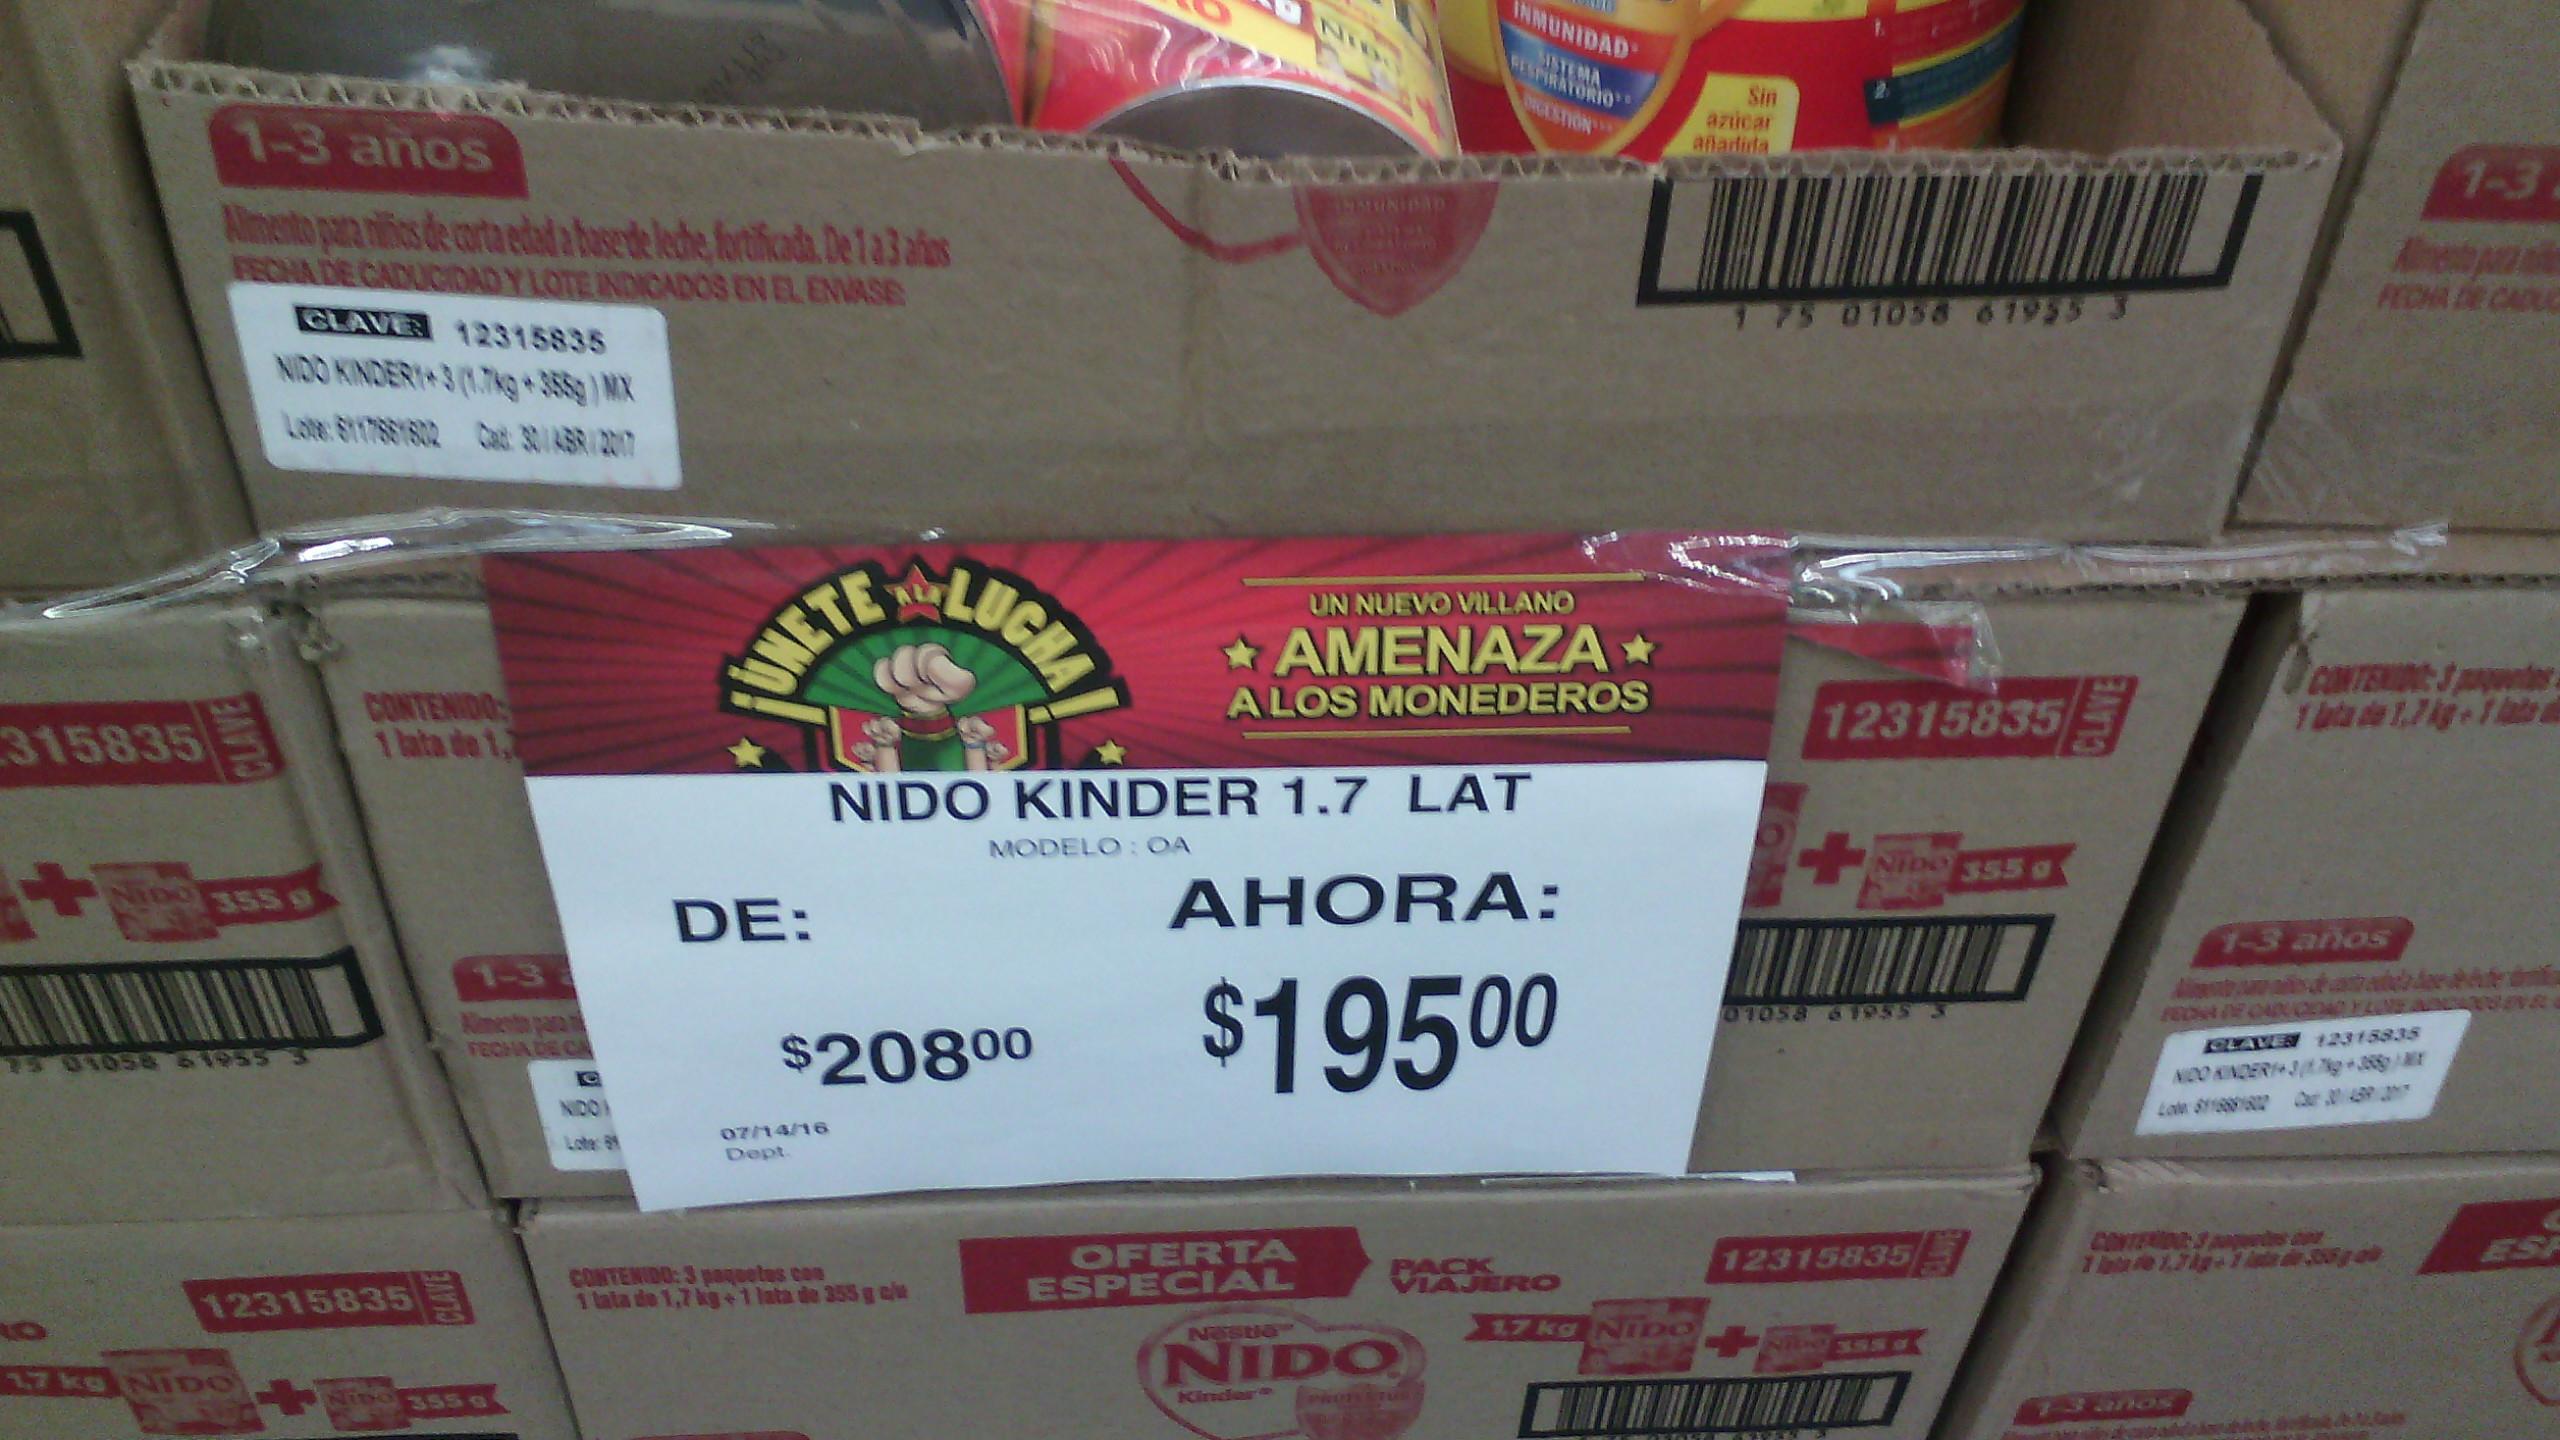 Bodega Aurrerá La Fuente Uruapan: Paquete de leche Nido Kinder de 1.7kg + una lata de 355gr de regalo por $195